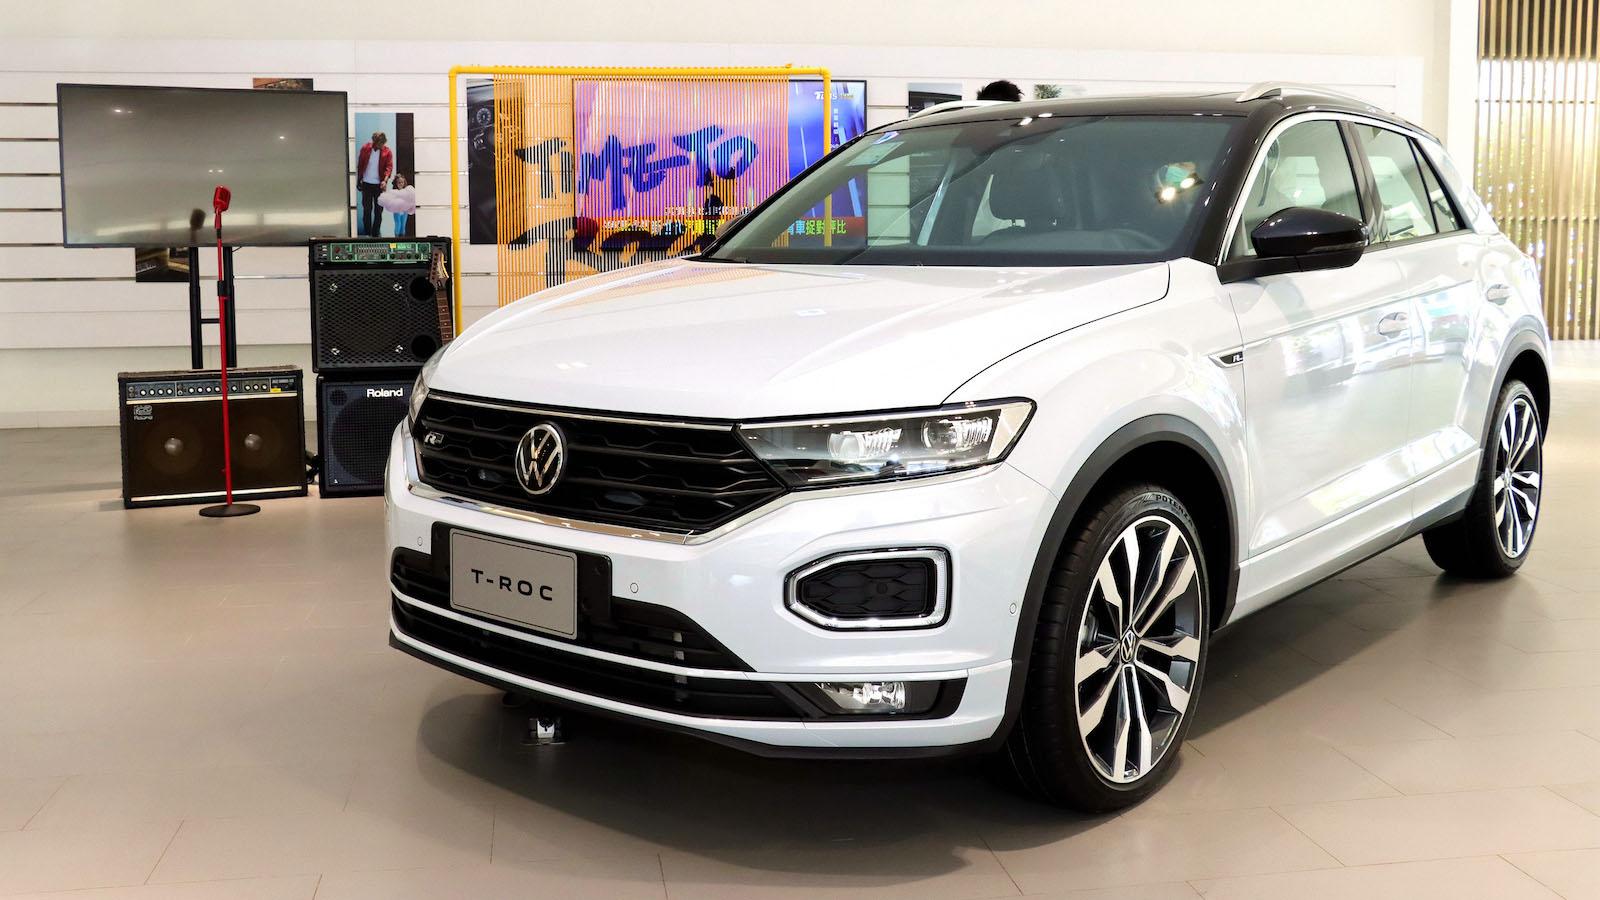 ▲ Volkswagen T-Roc 上市前最後賞車機會,展車資訊看這裡